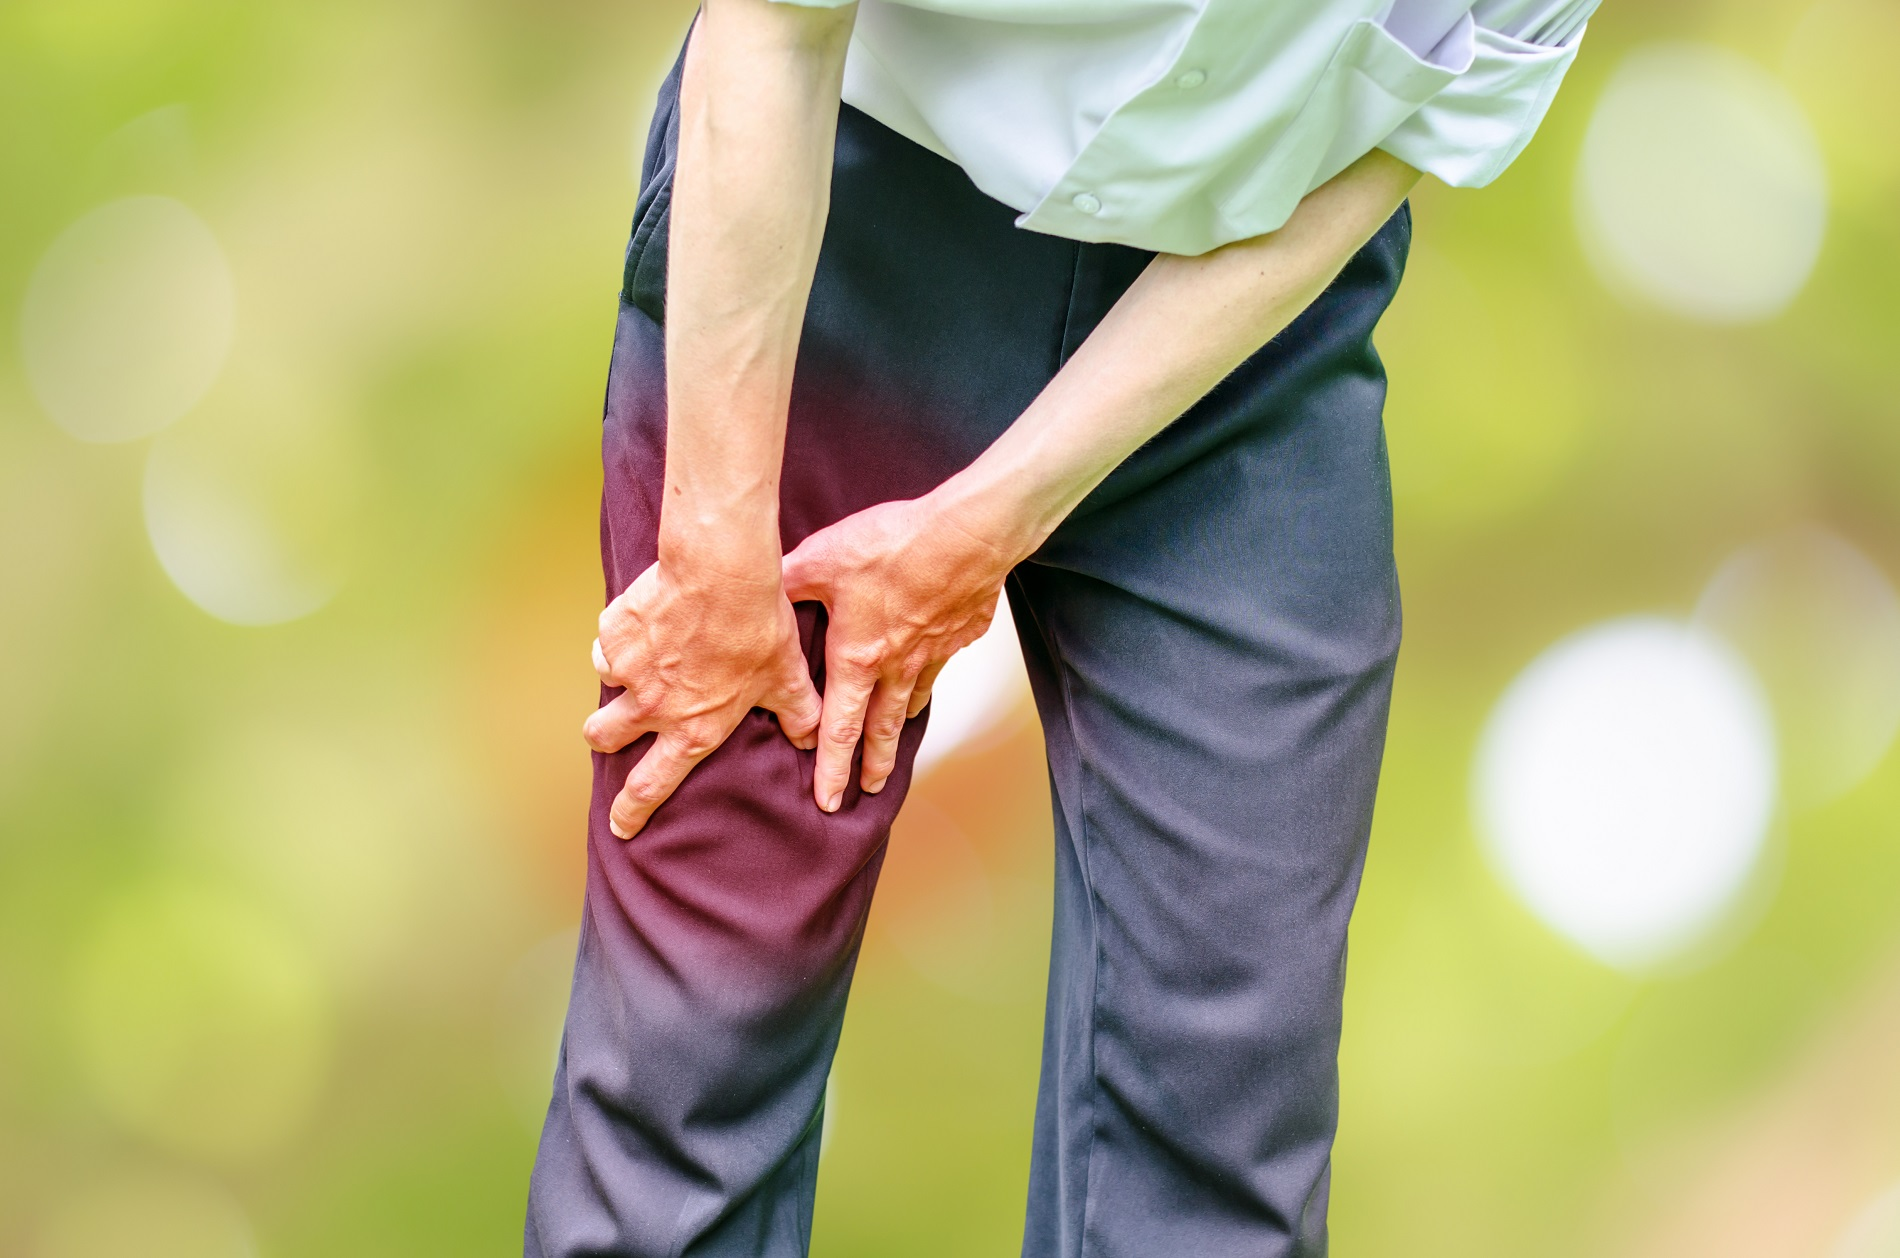 Házi praktikák térdfájdalomra